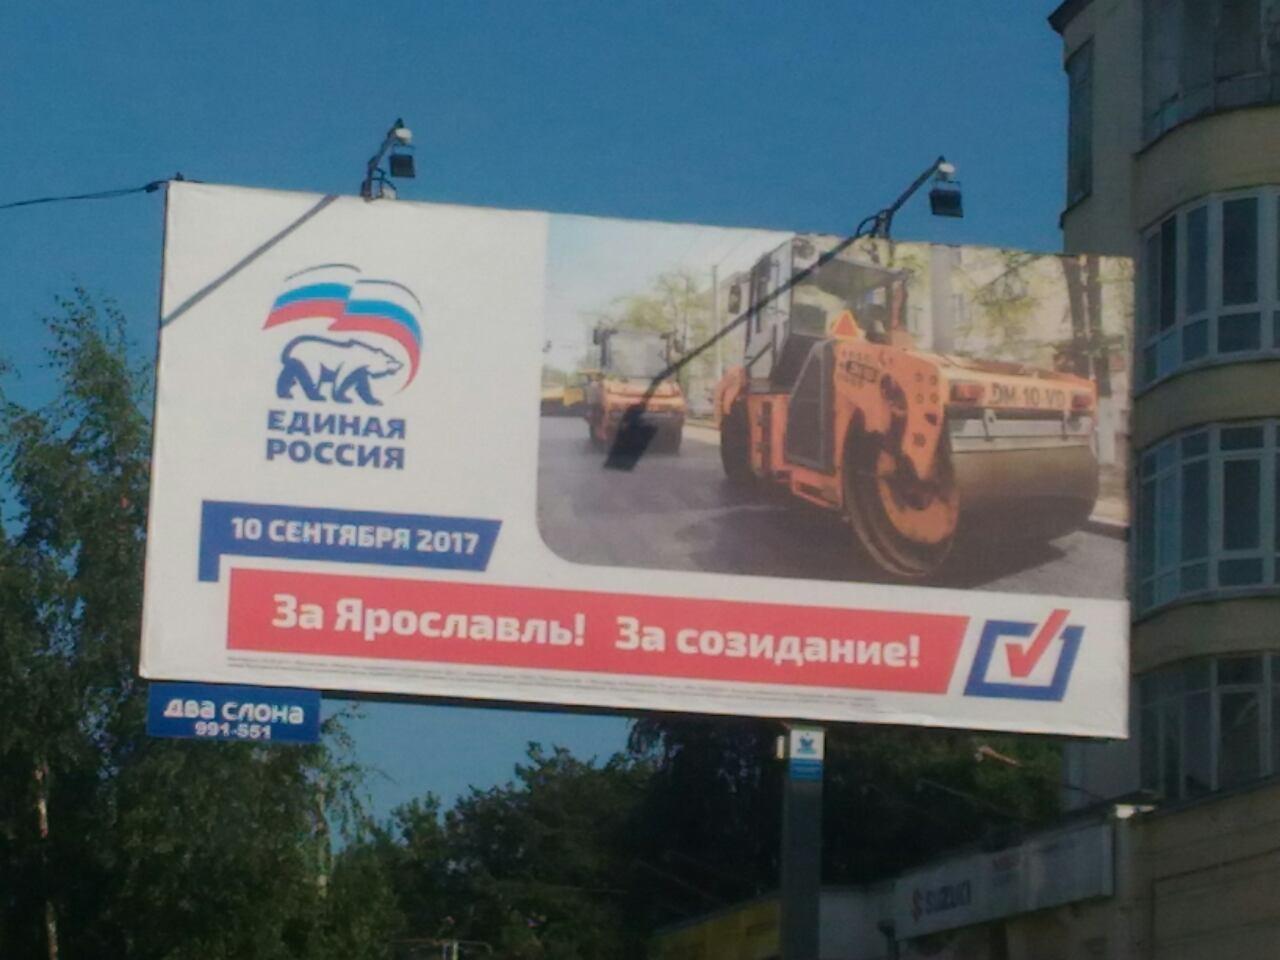 «Единая Россия» присваивает плоды чужого созидания